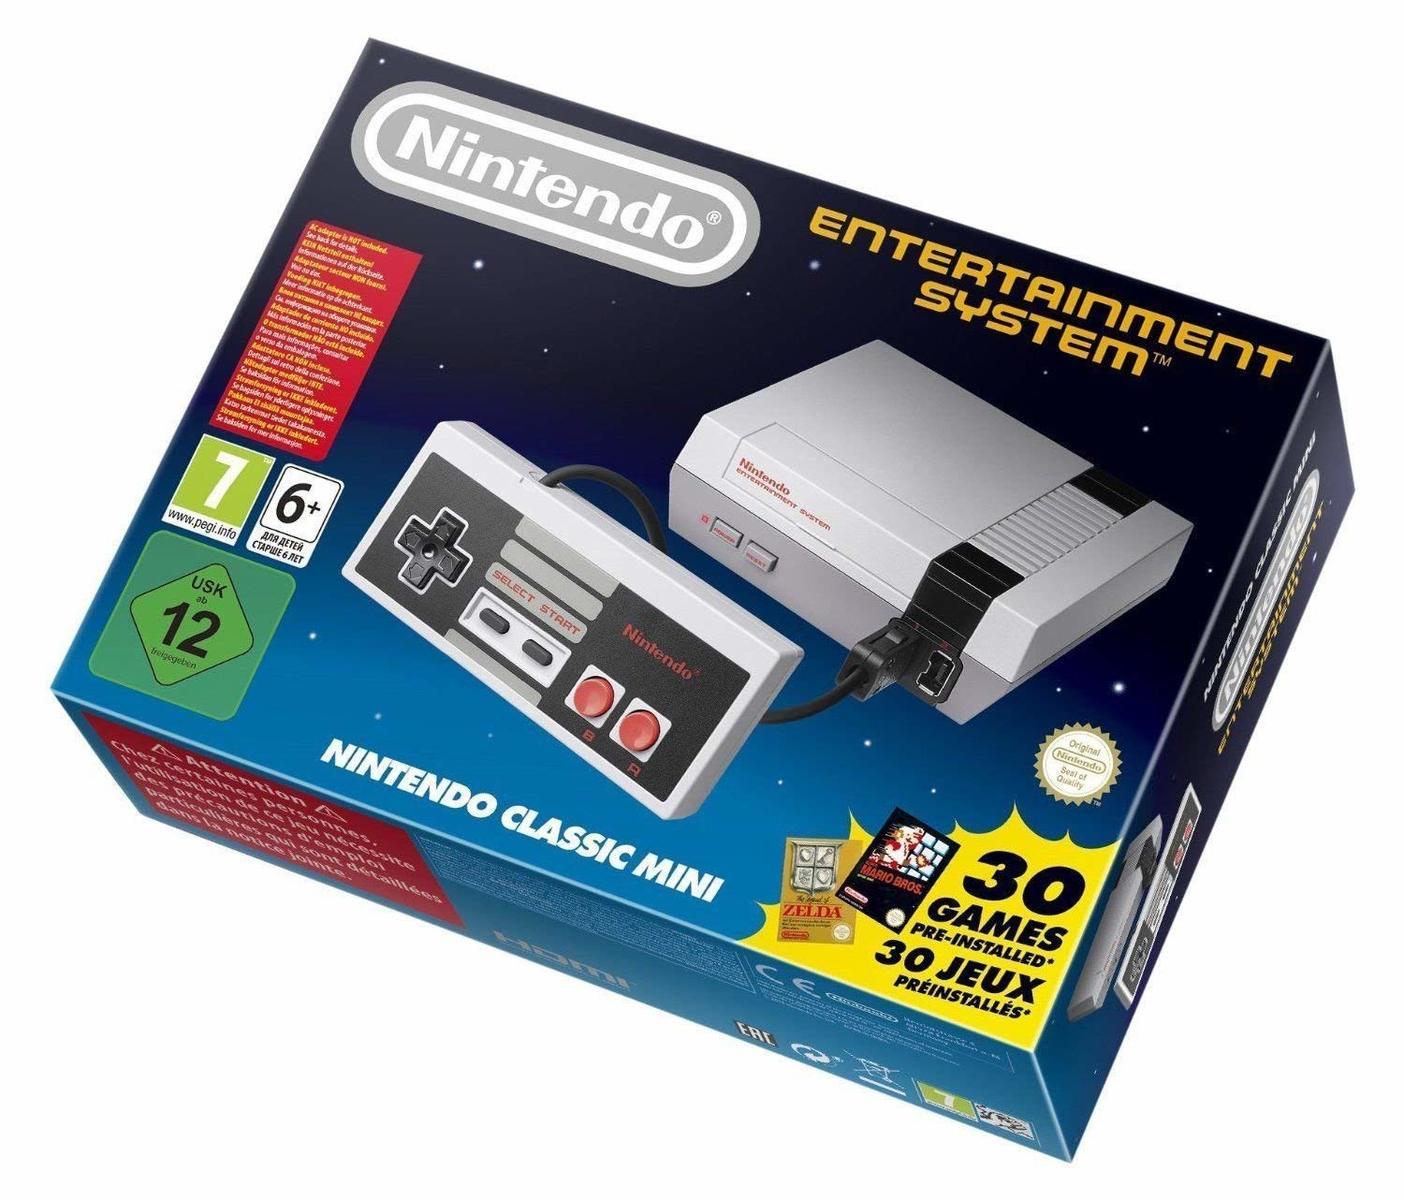 ニンテンドー クラシック ミニ ファミコン Nintendo Classic Mini Entertainment System 海外 欧州版